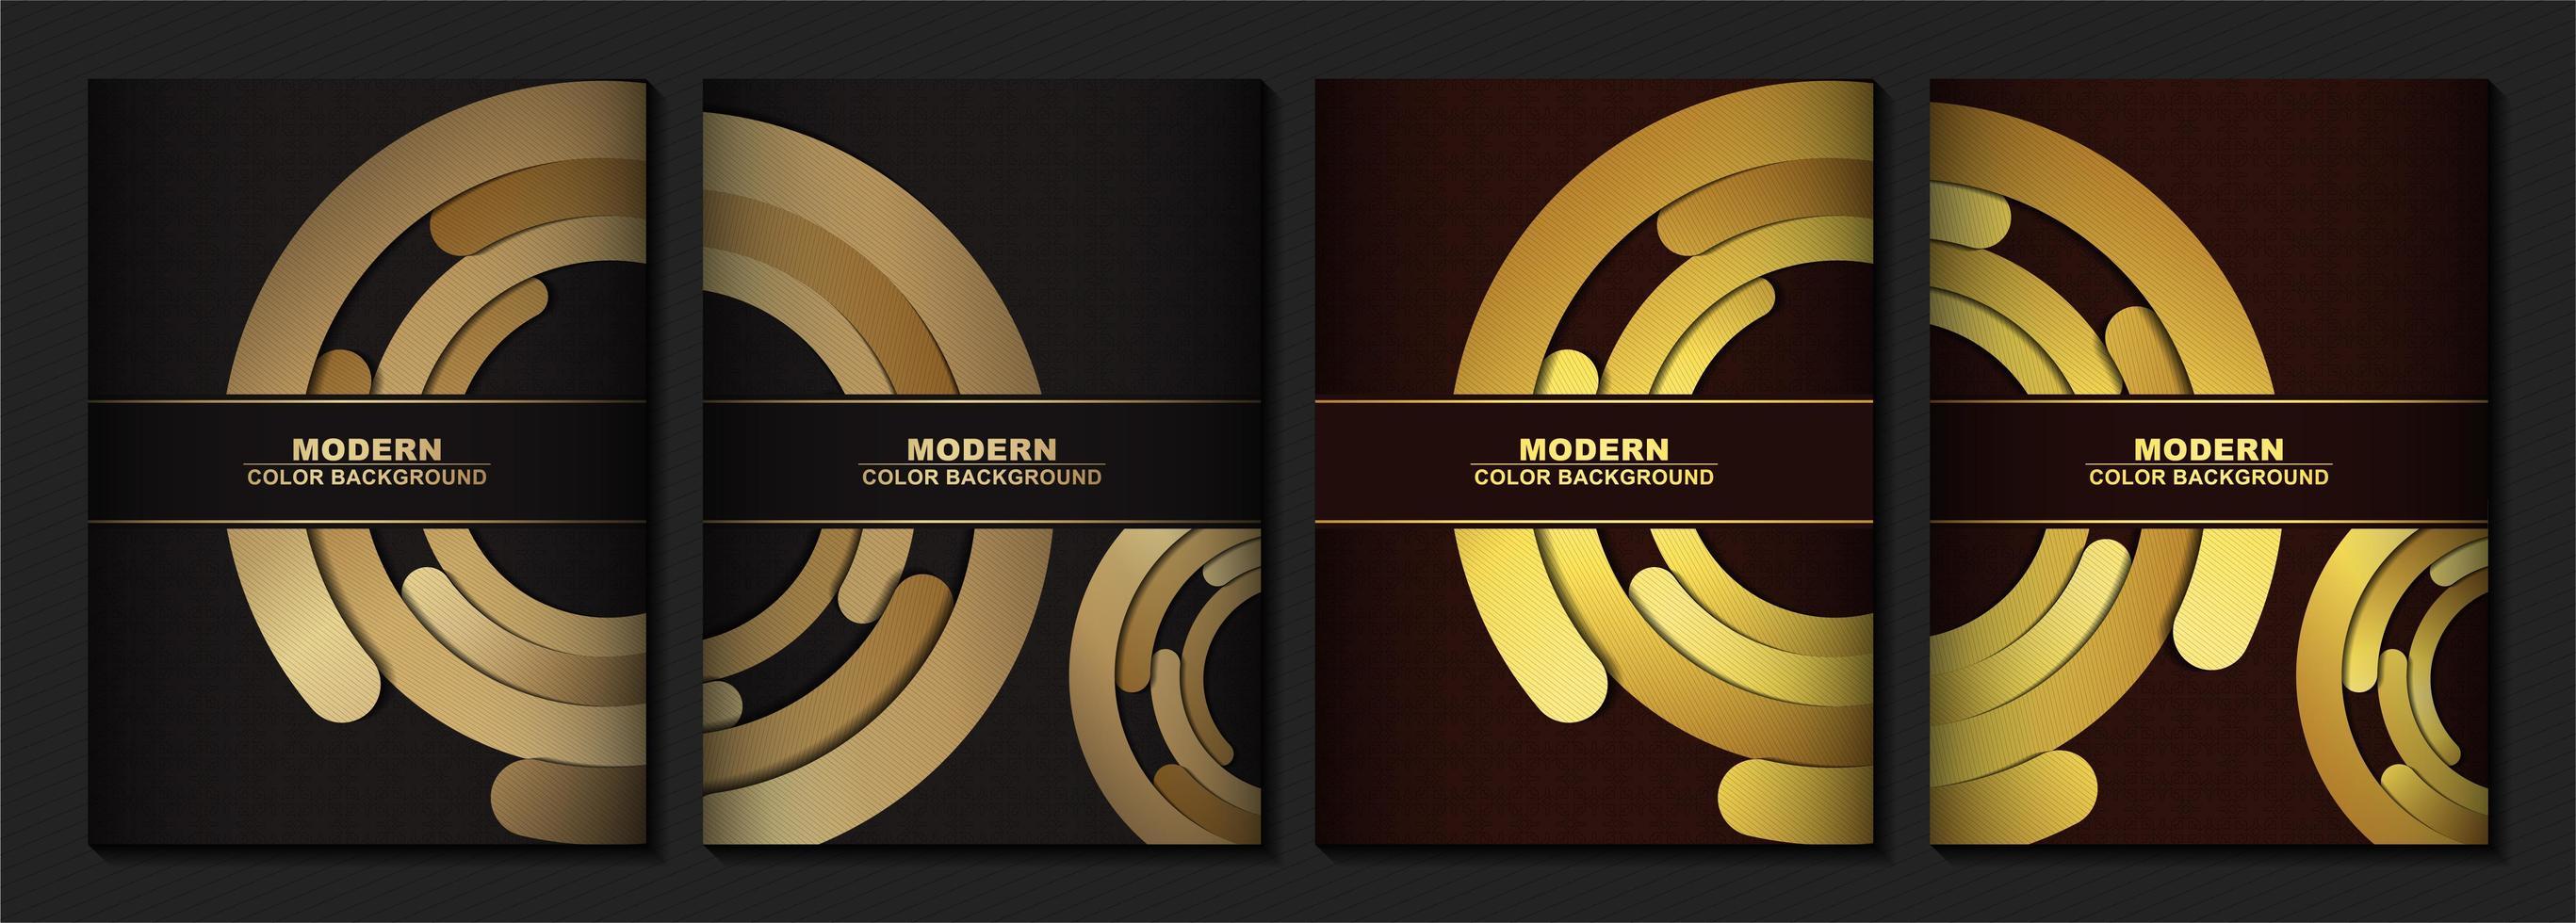 couverture moderne en or vecteur